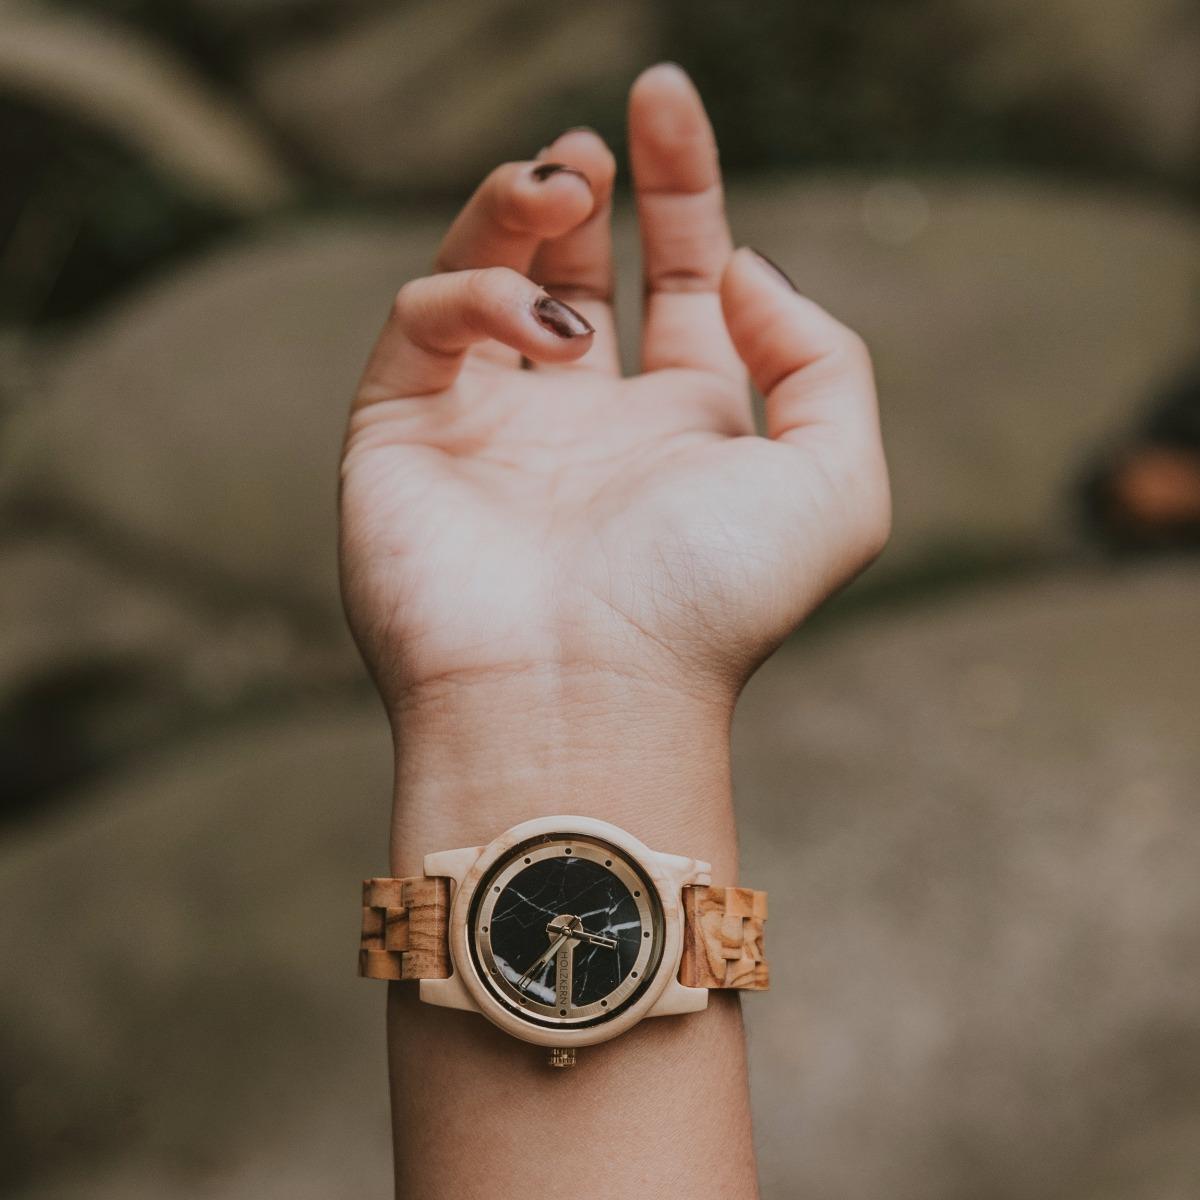 Im Bild sieht man den Arm einer Dame, die die Holzuhr Drei Zinnen von Holzkern trägt